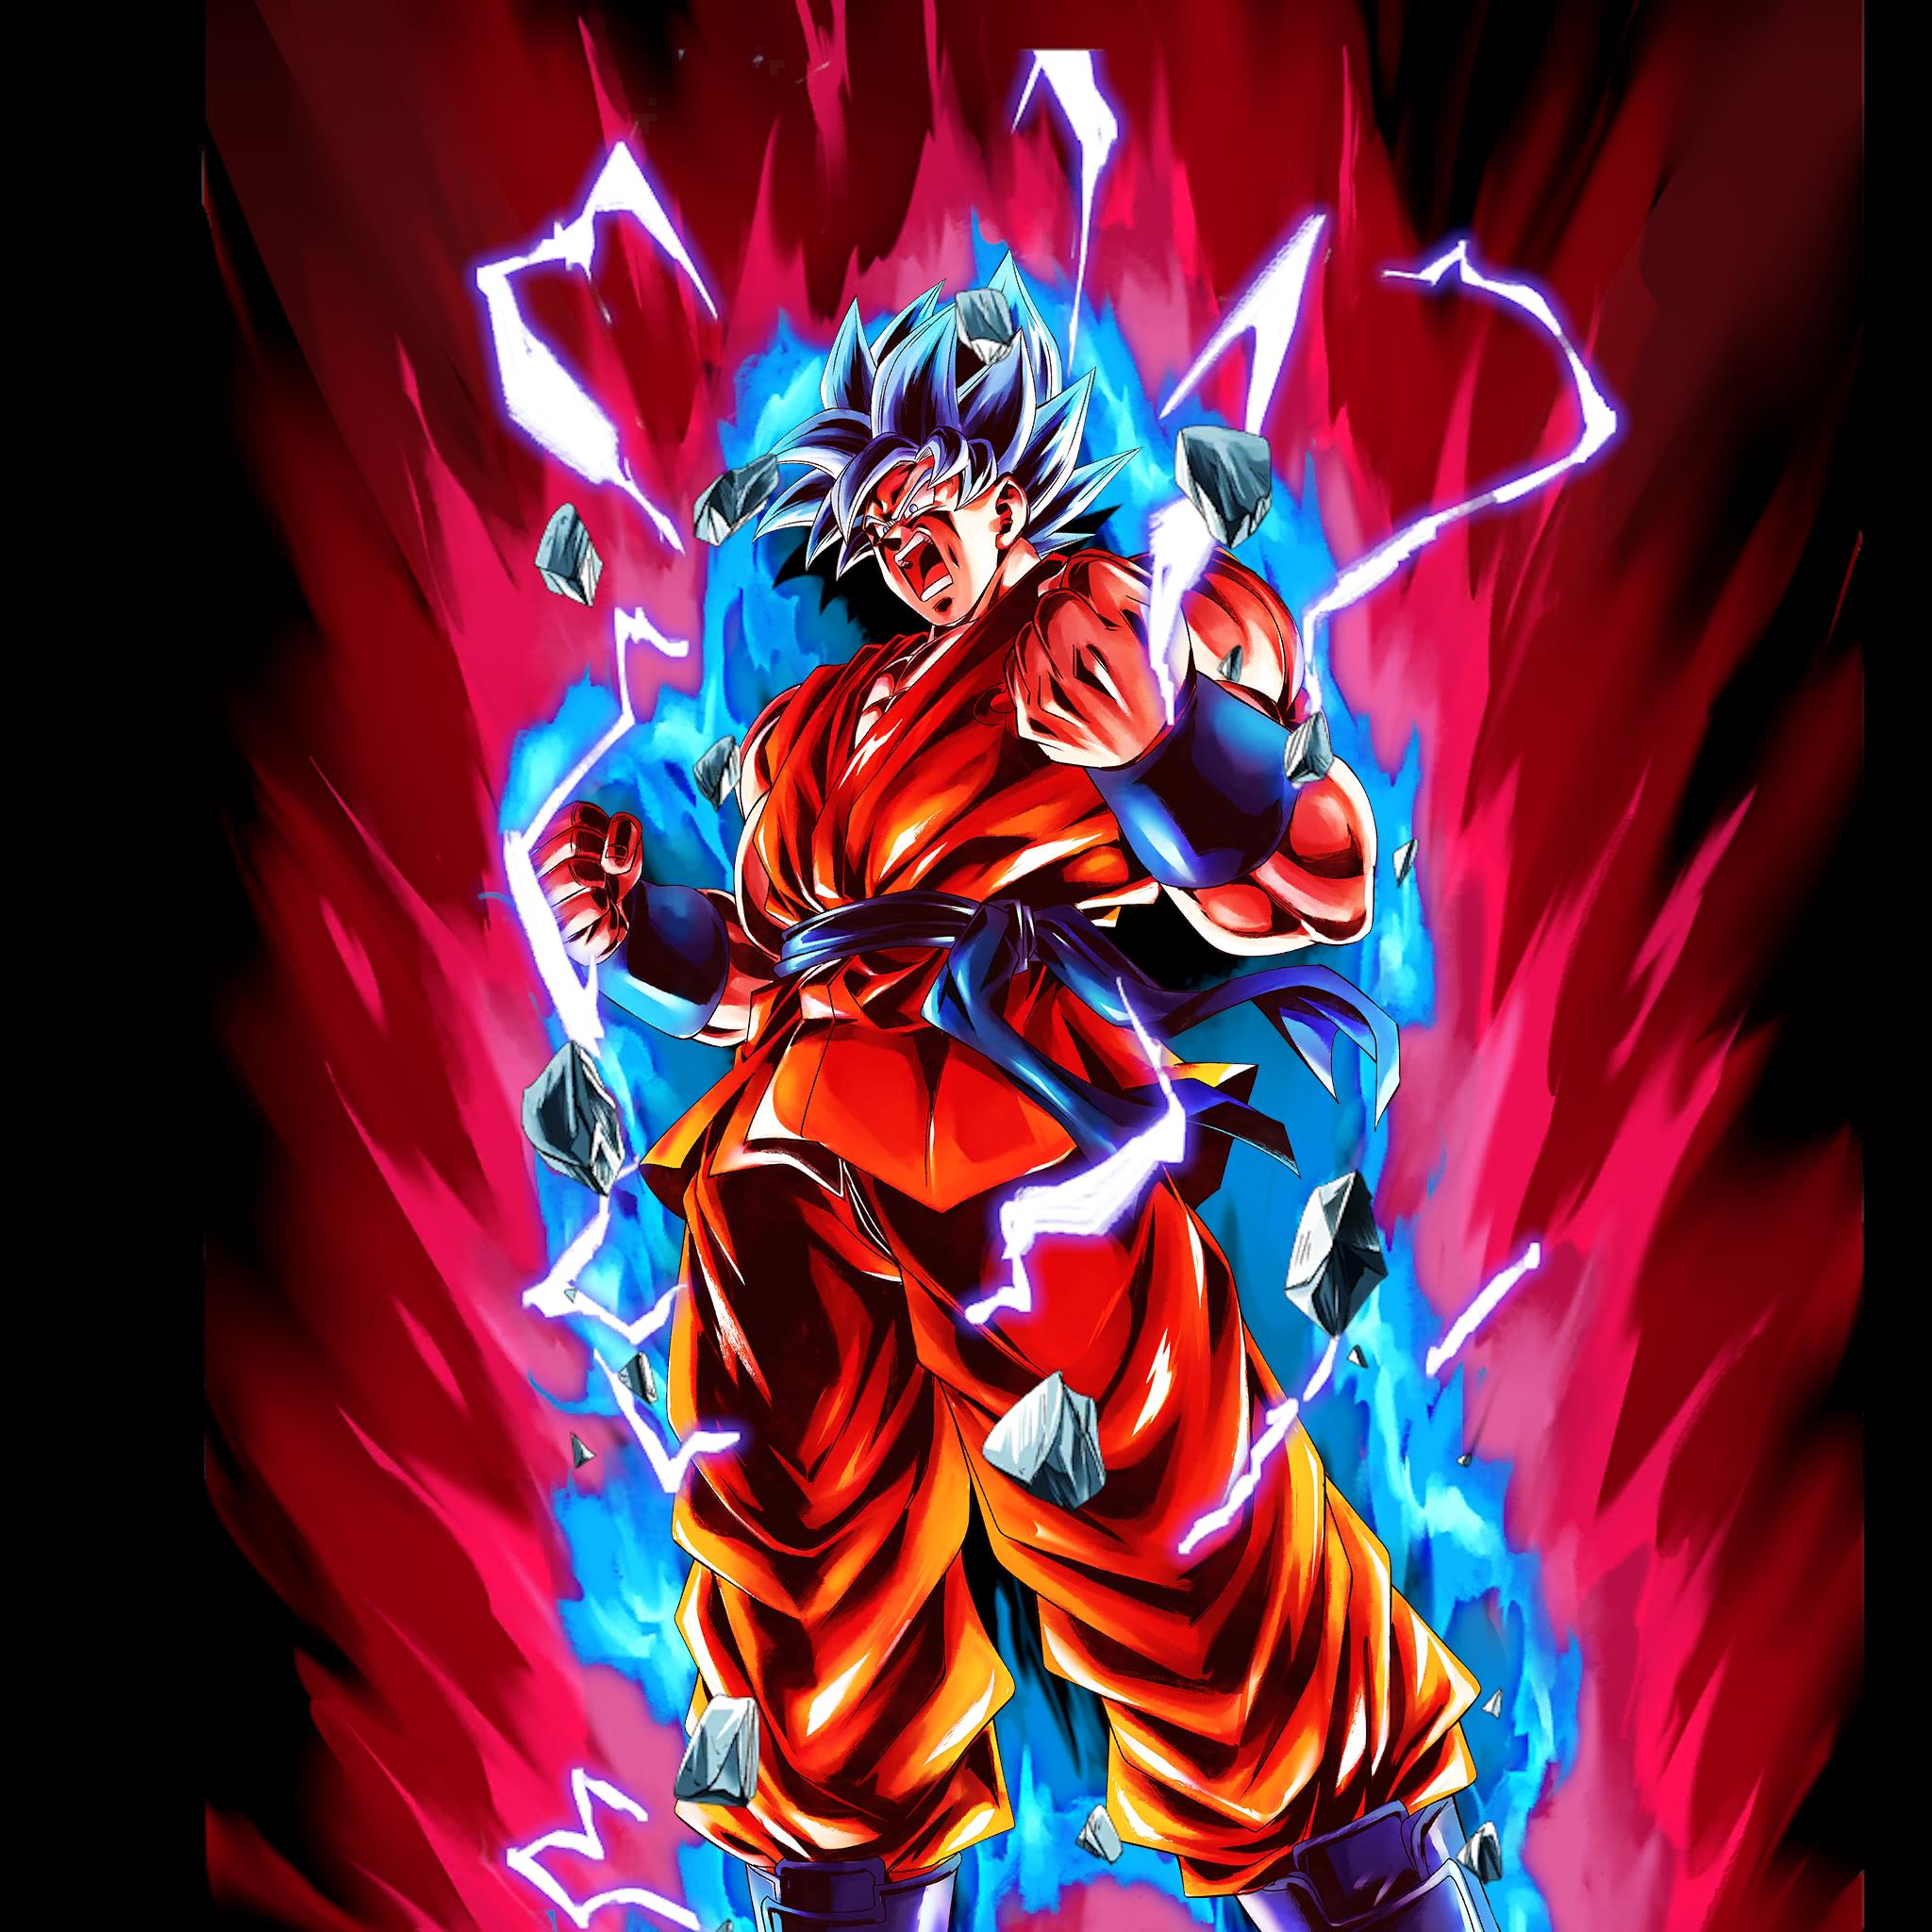 Wallpaper Kaioken Goku Ssgss Kaioken X20 Goku Ssj Blue 2048x2048